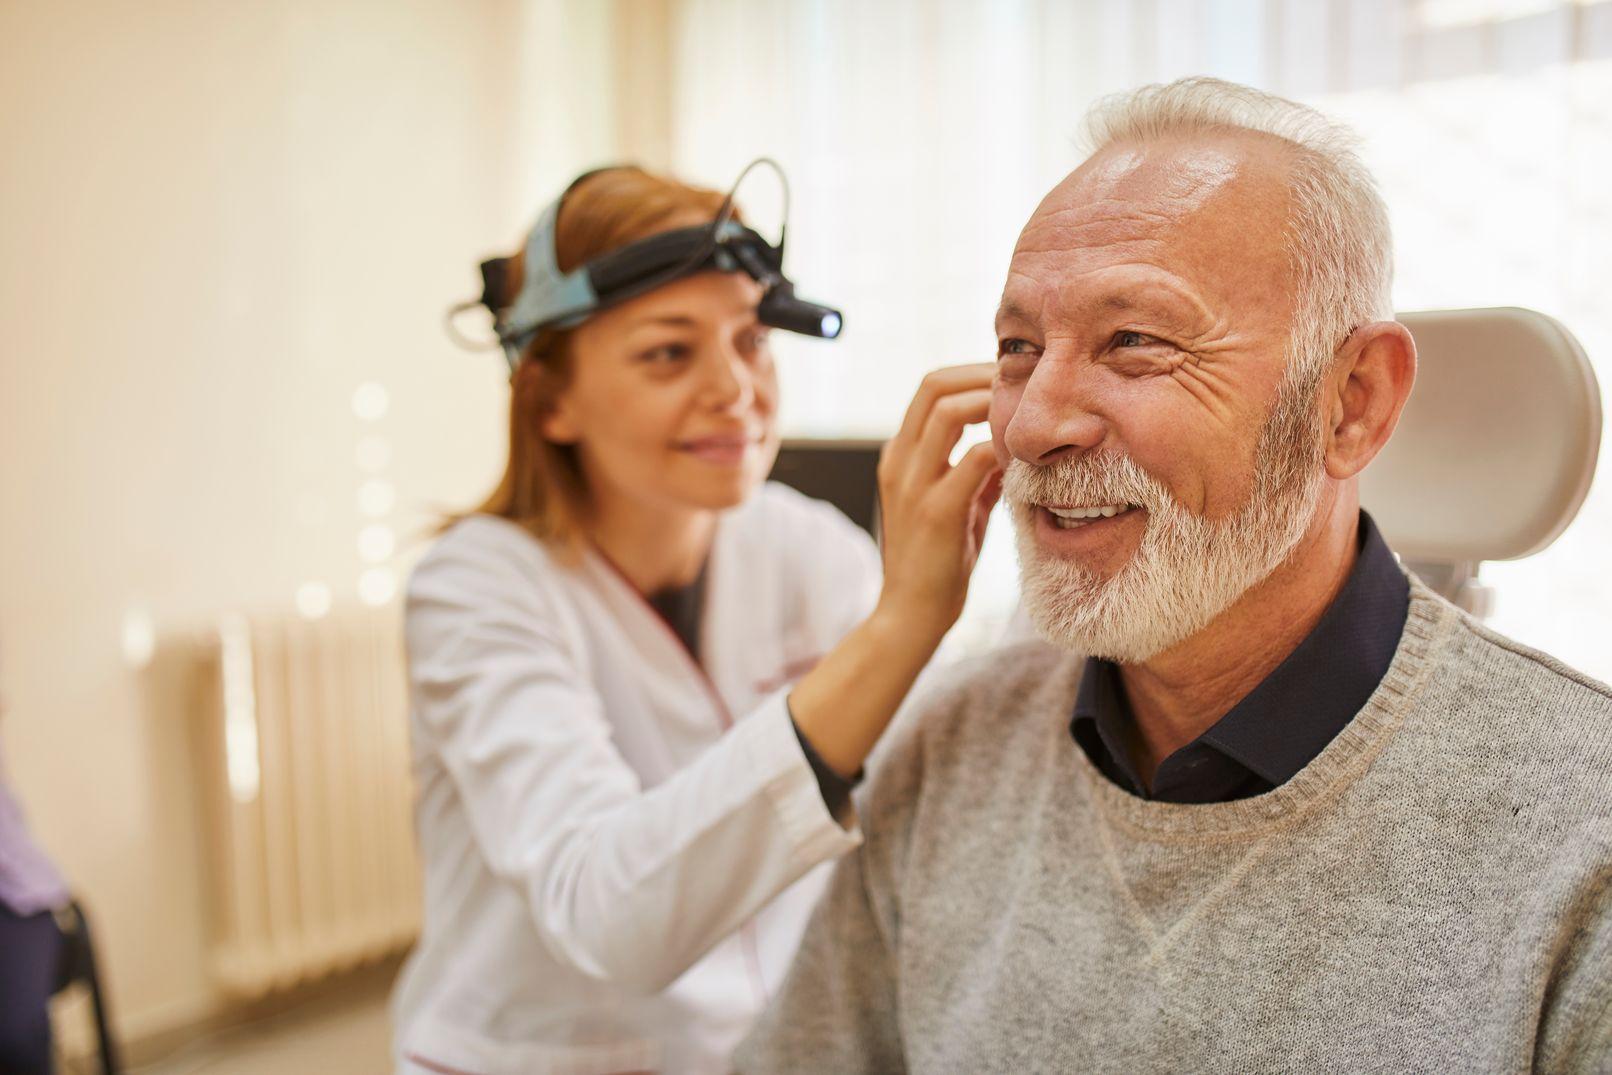 An ENT checks a man's ear